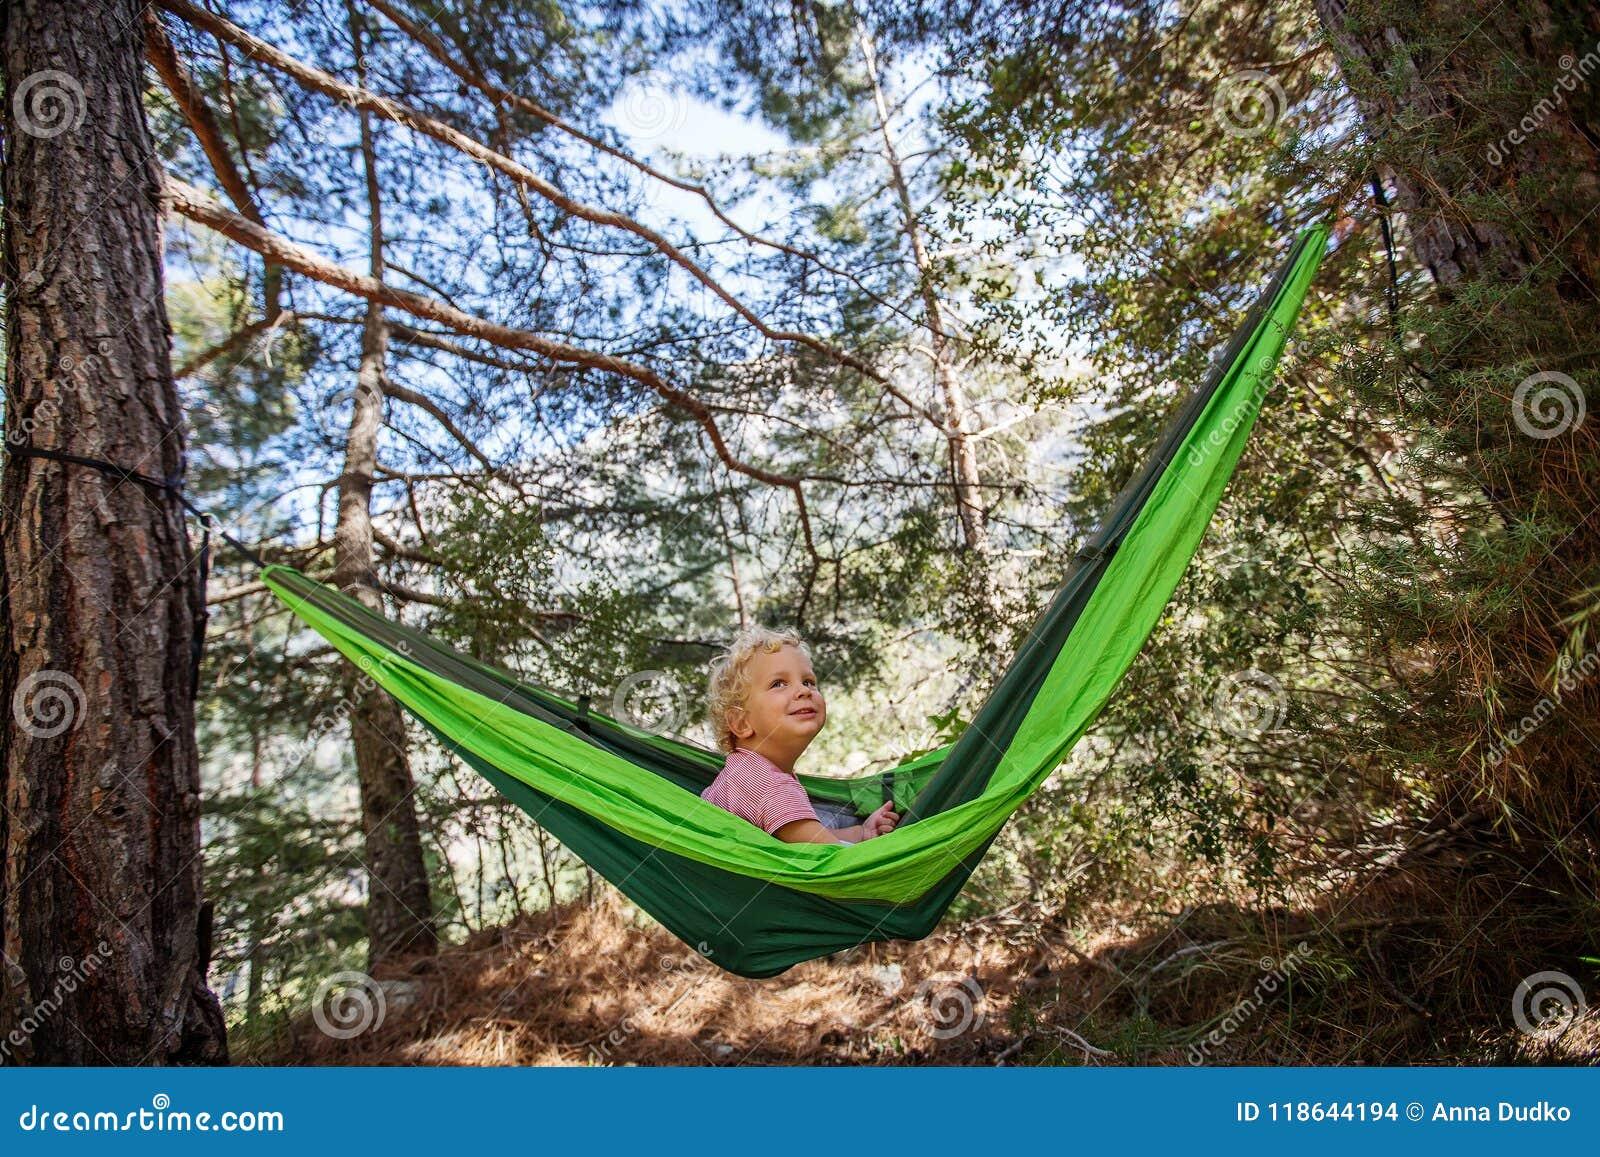 Swinging in a hamock